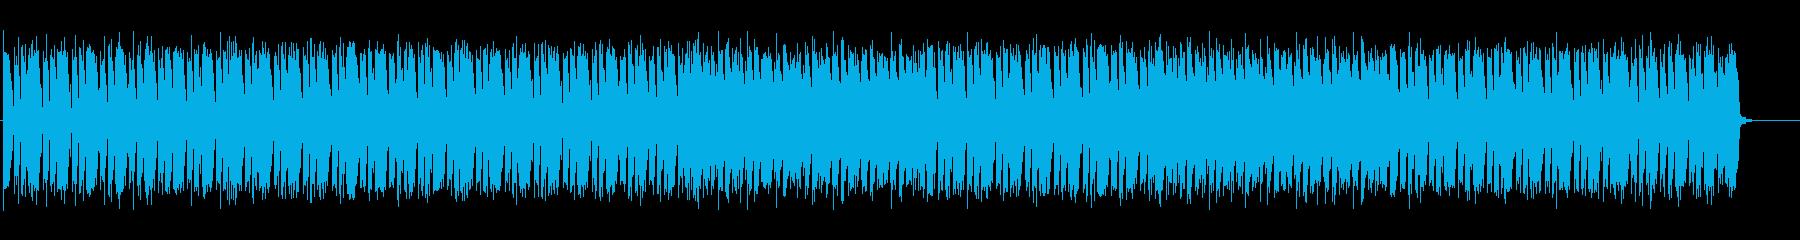 少し怪しい雰囲気のエレクトロニカBGMの再生済みの波形